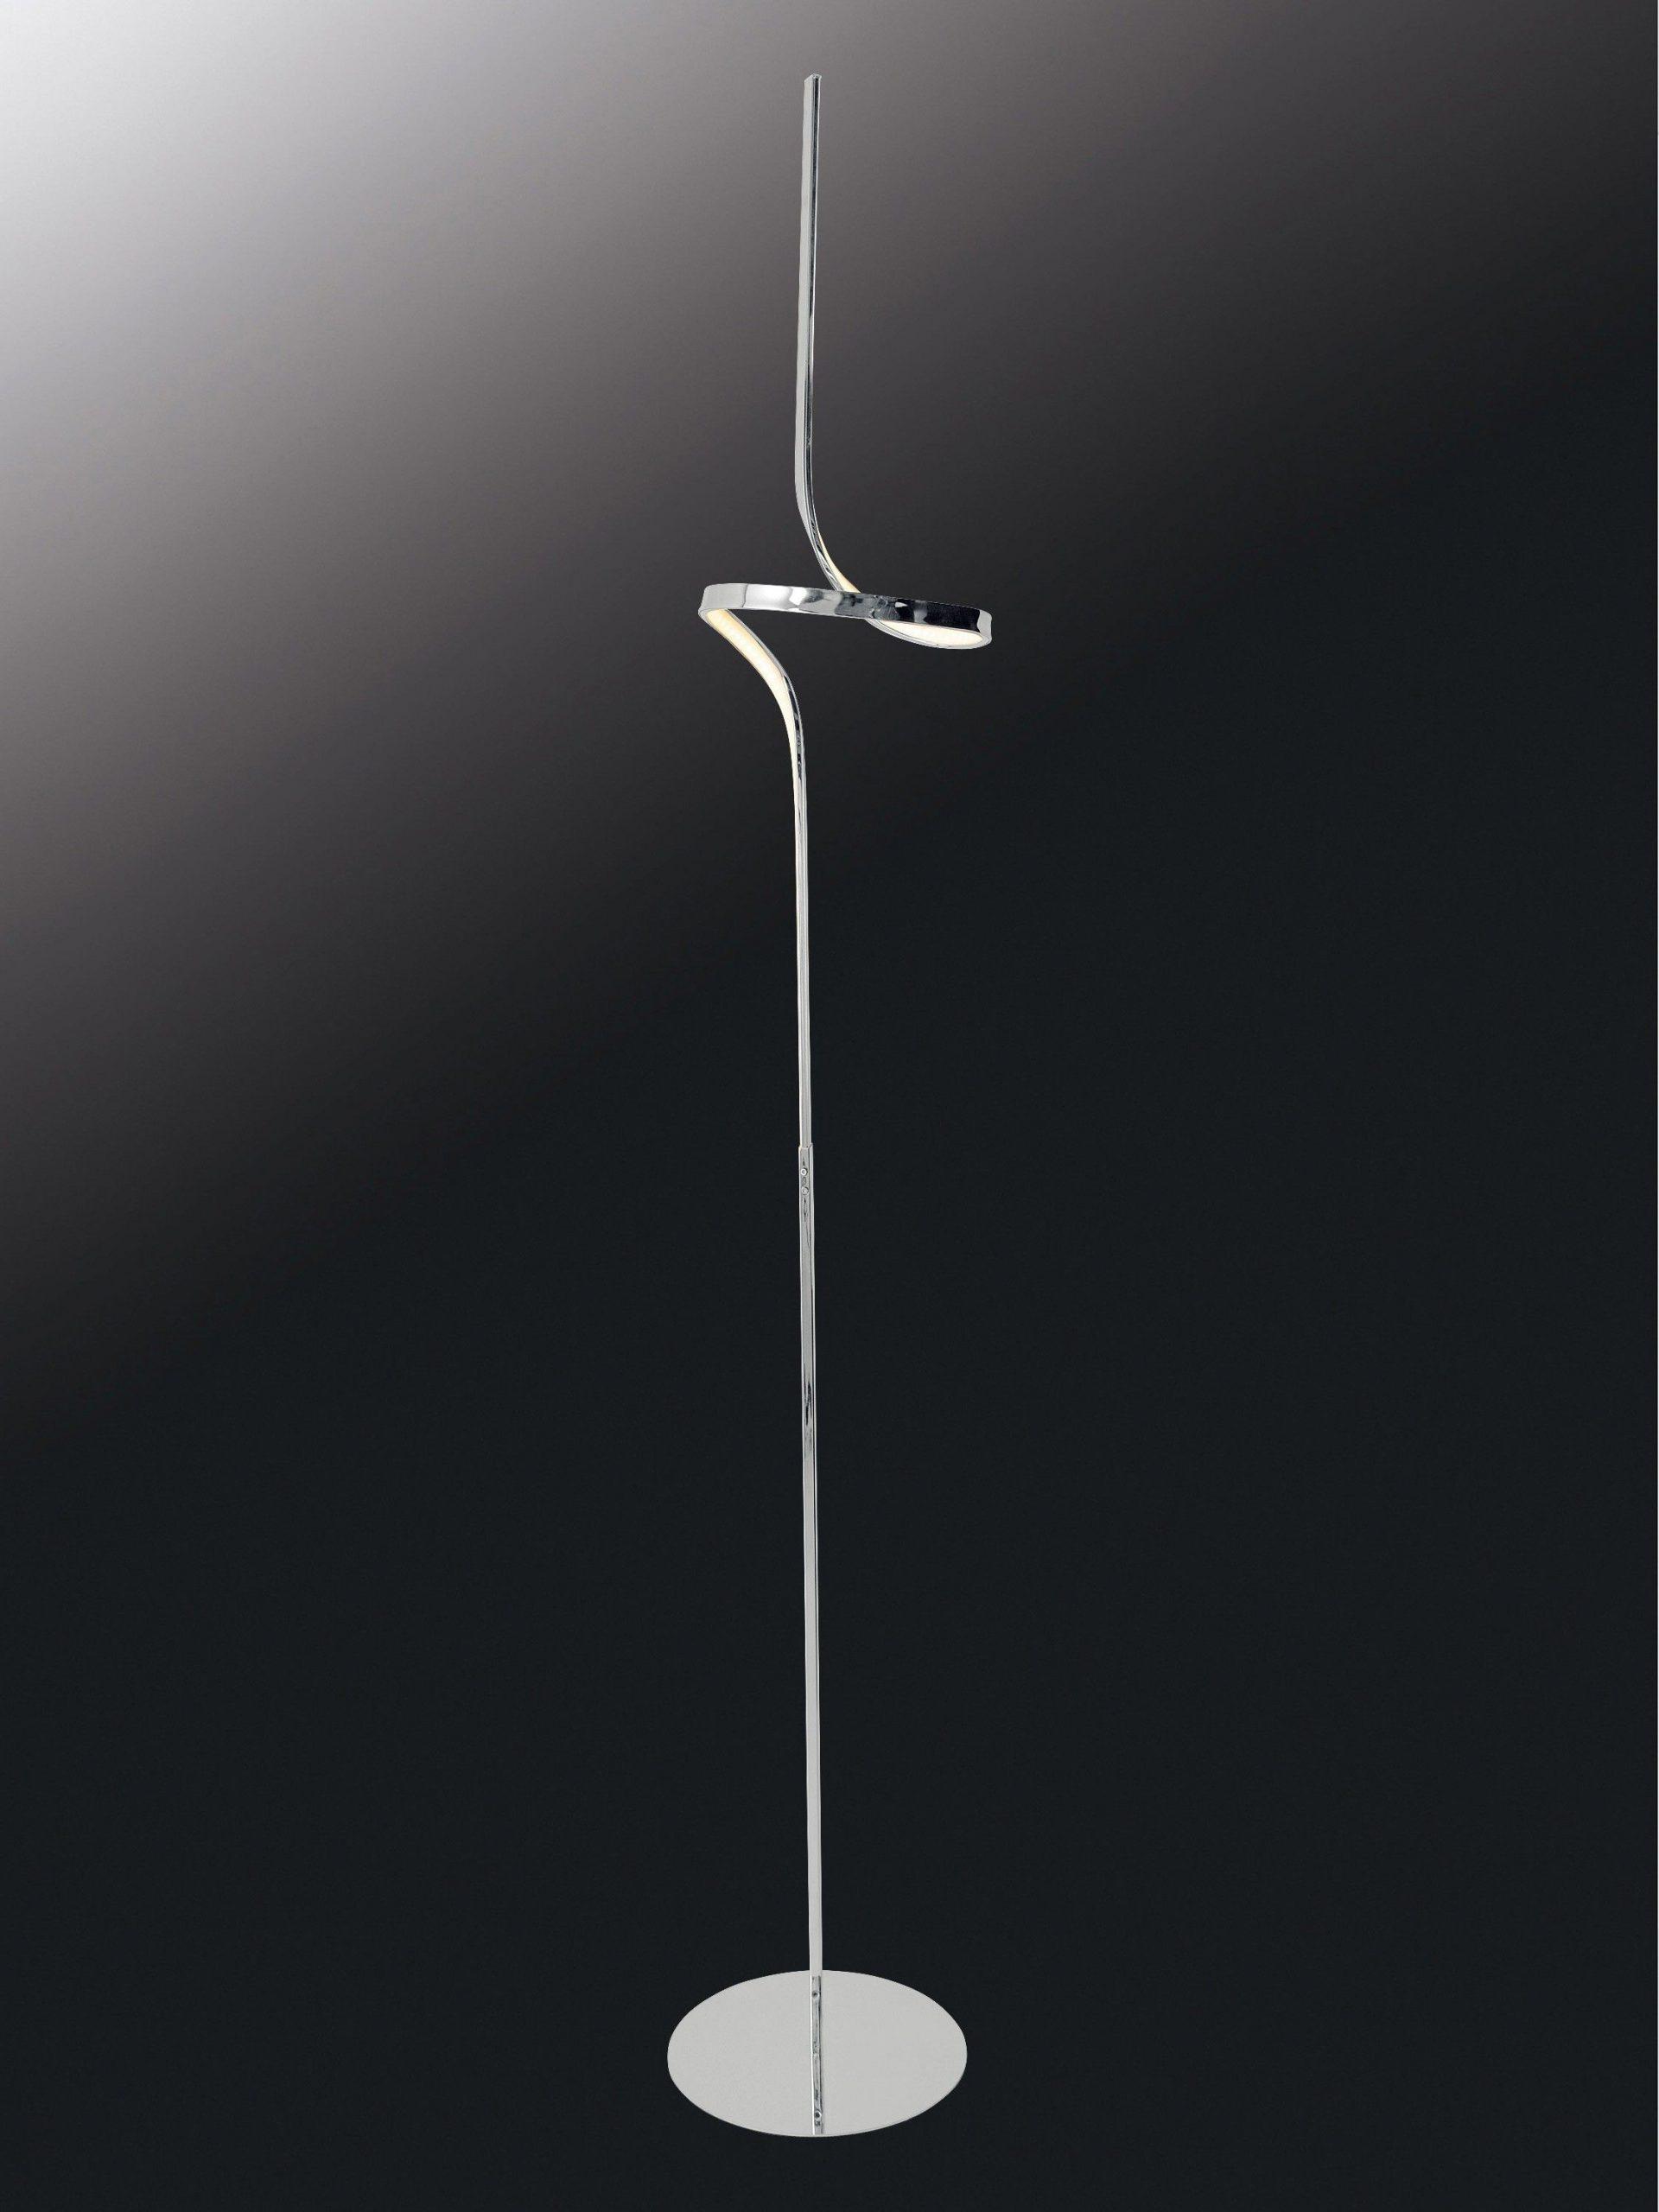 Full Size of Led Stehlampe Ikea Moderne Stehlampen Wohnzimmer Besser Schlafen Betten Bei Modulküche Küche Kaufen Sofa Mit Schlaffunktion Kosten Miniküche 160x200 Wohnzimmer Stehlampen Ikea